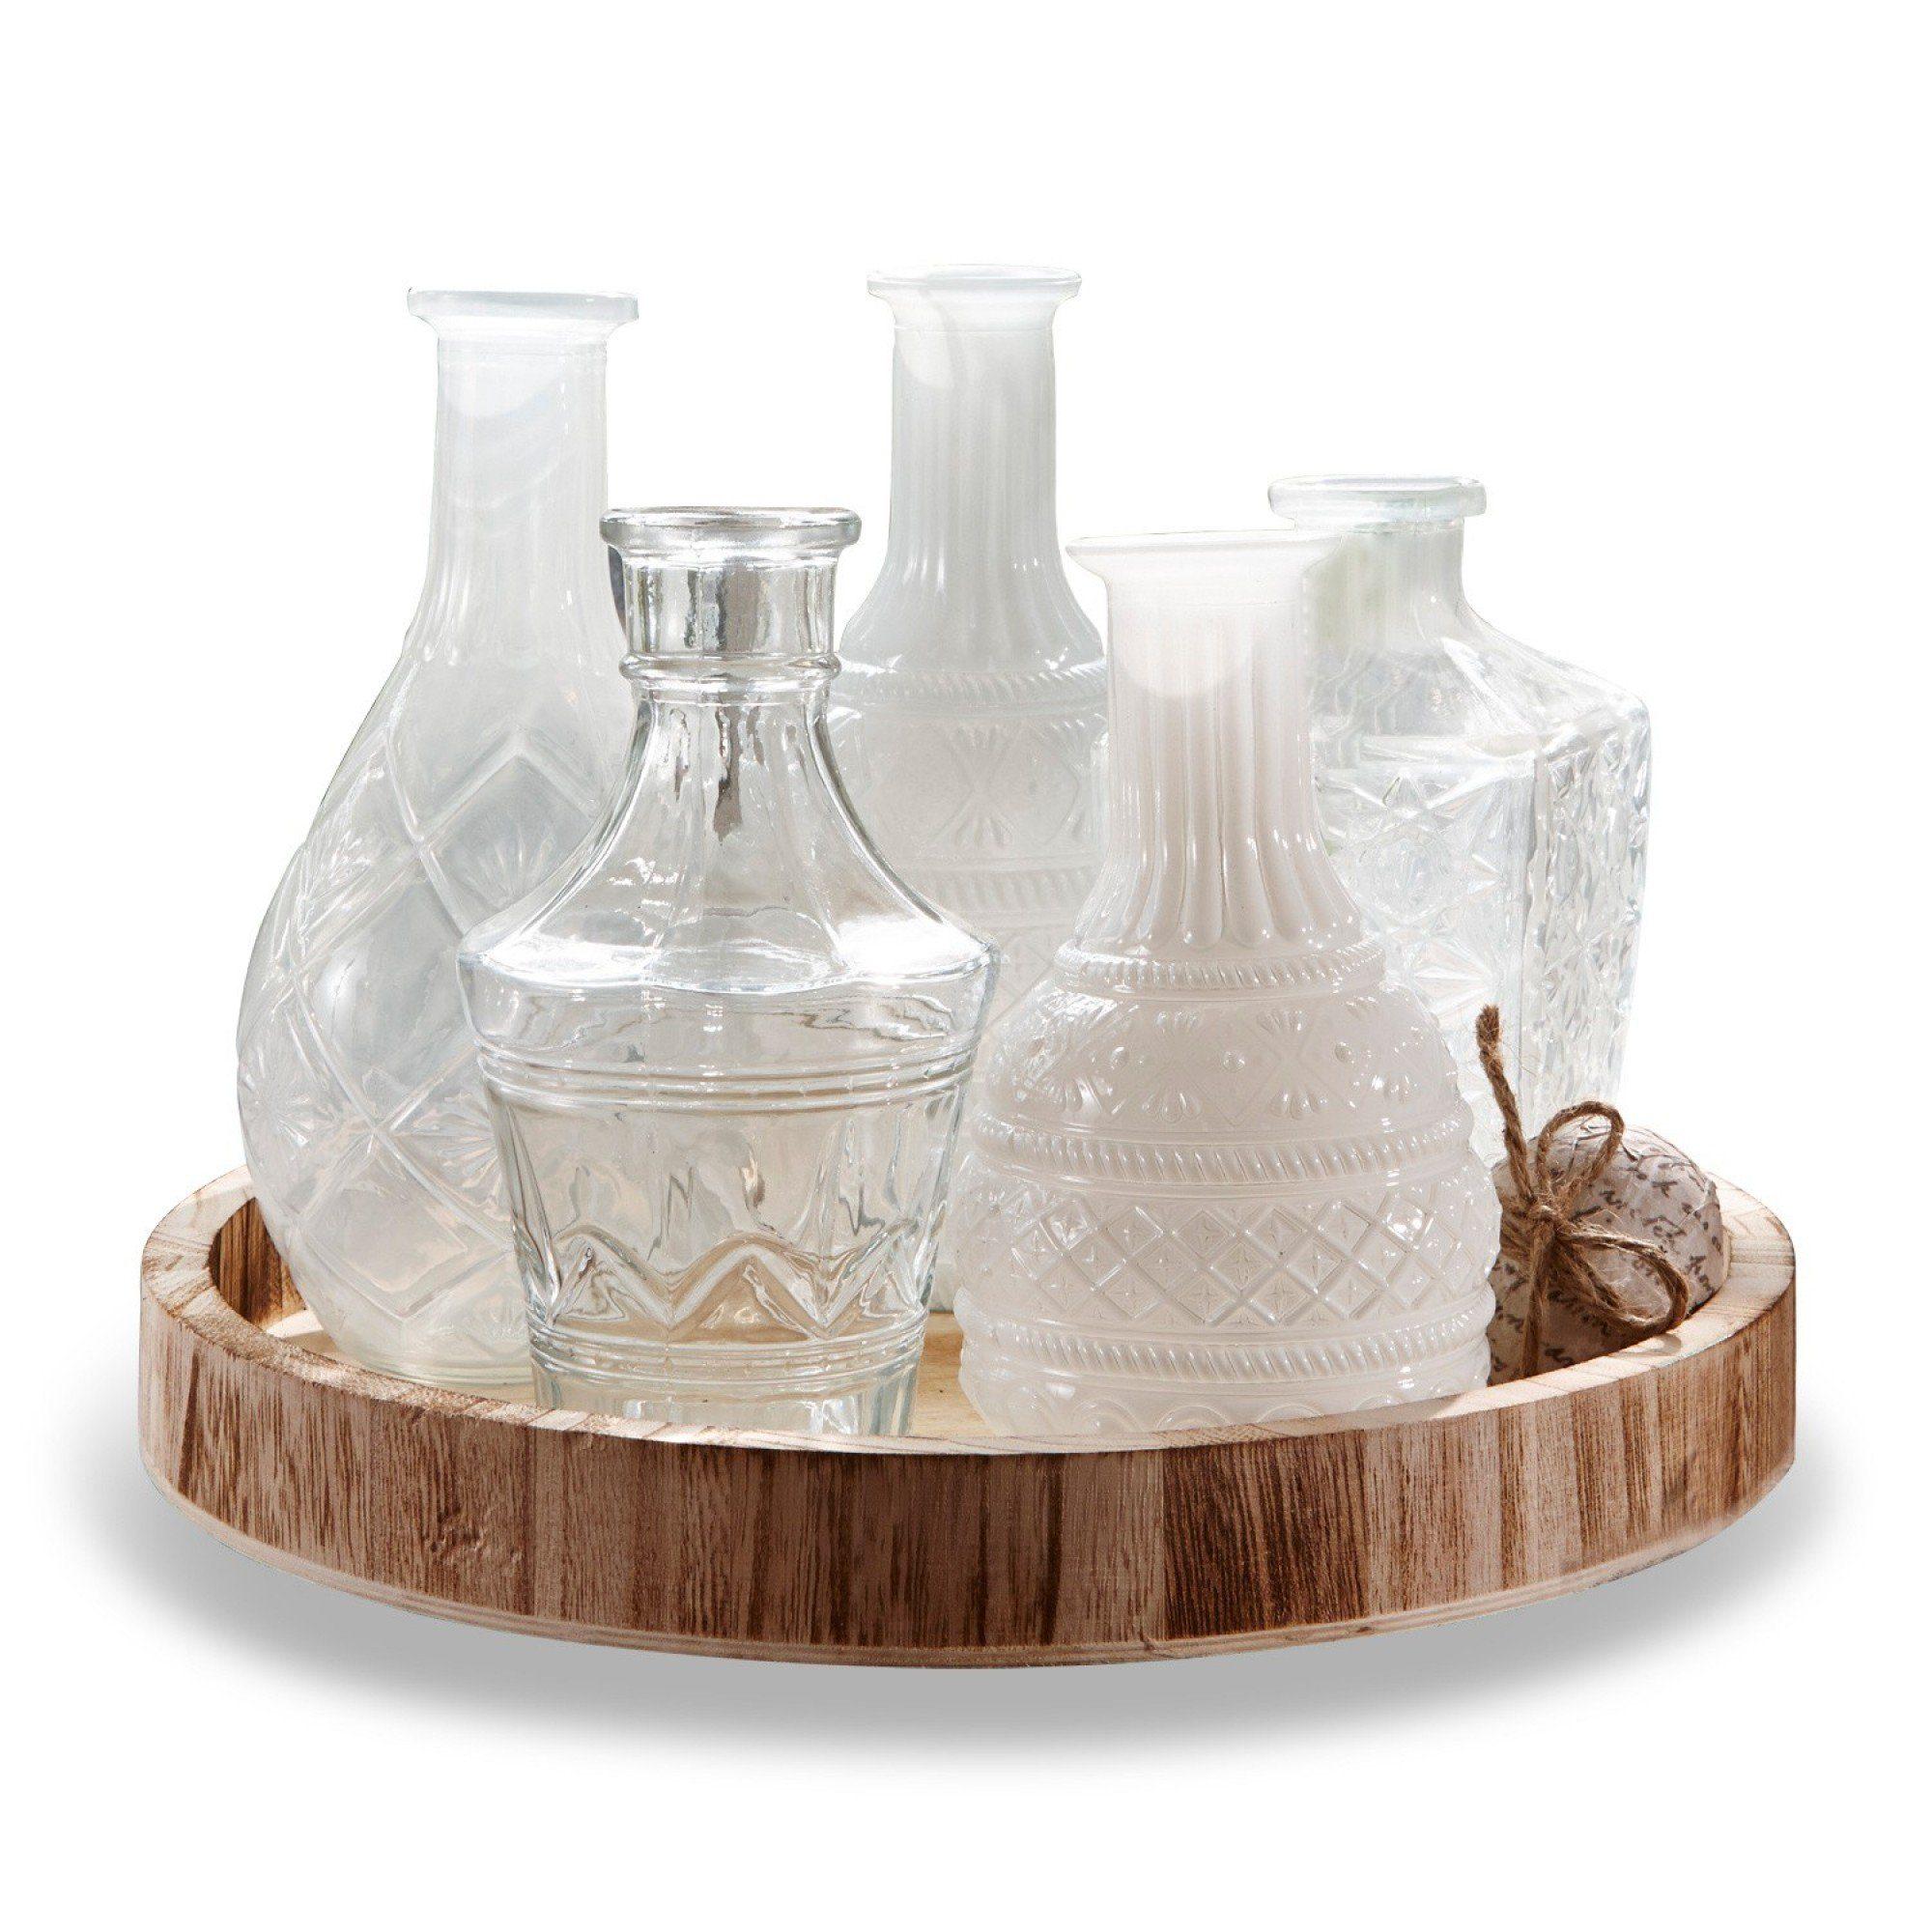 Loberon Tablett mit Vasen »Edeline«